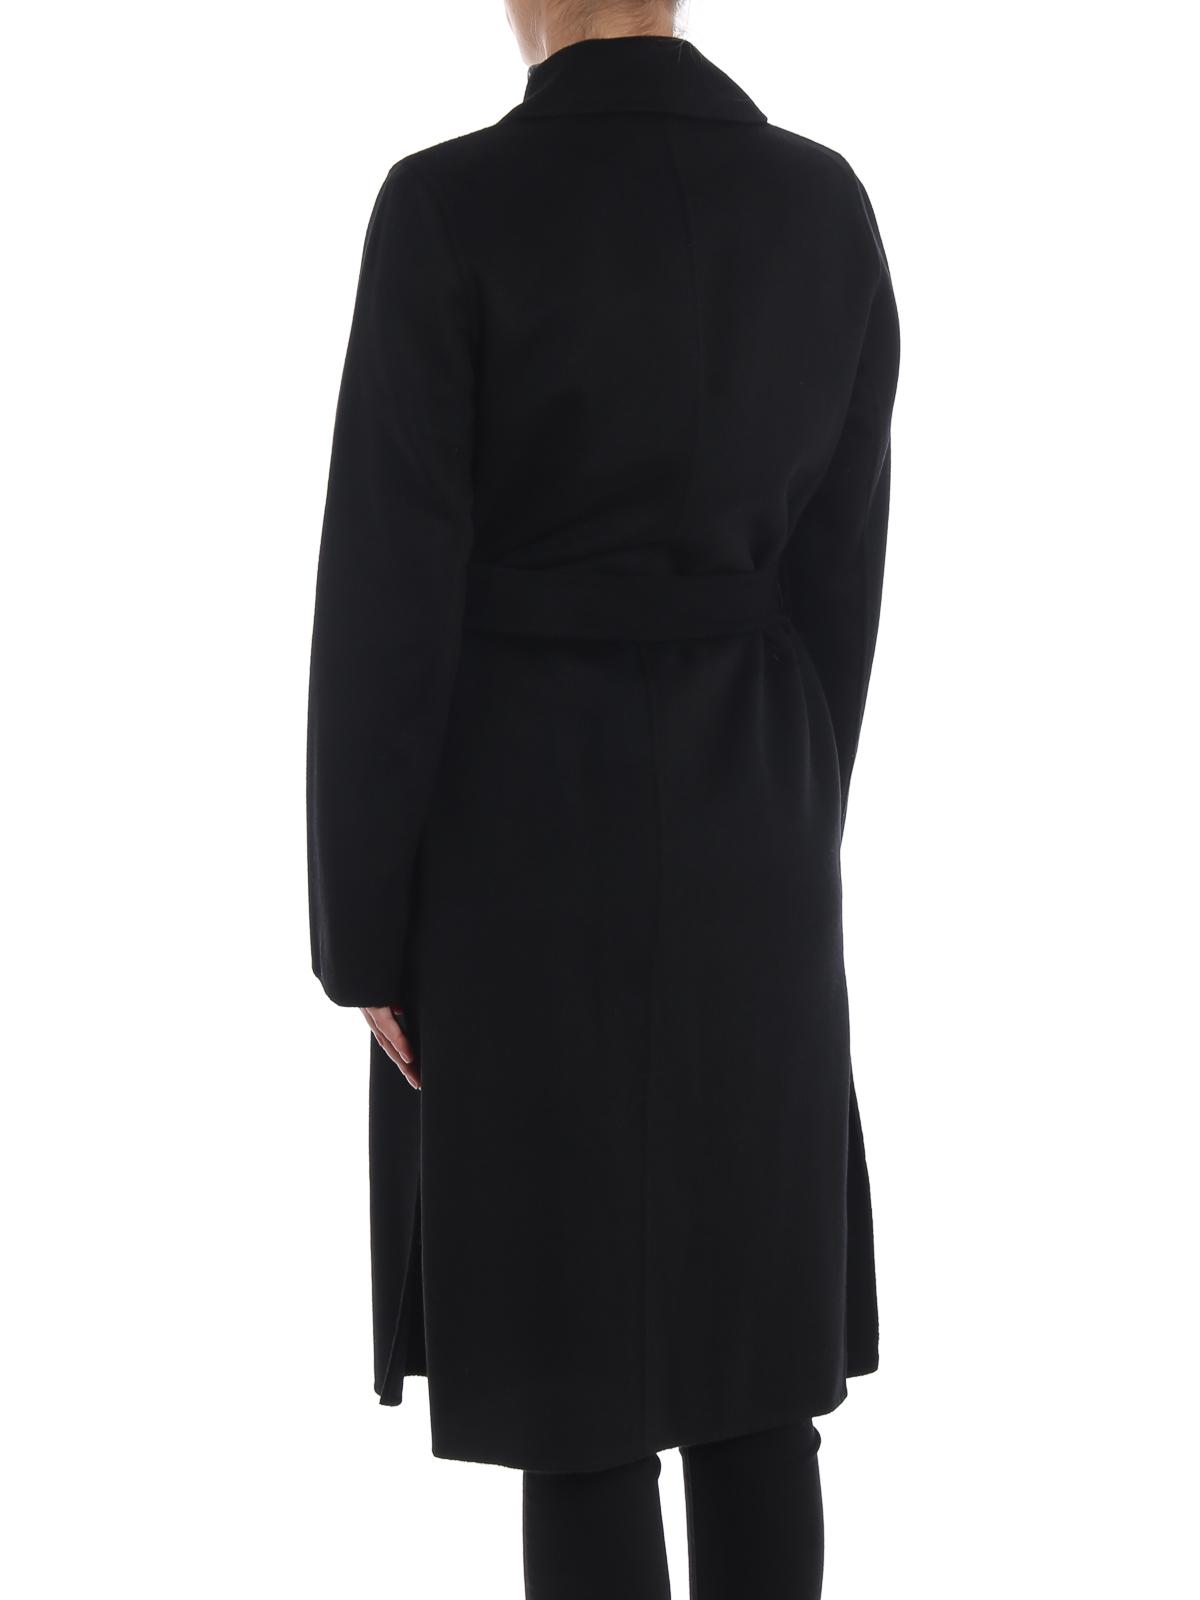 new arrival 701c0 c61ae Michael Kors - Cappotto a vestaglia nero in misto lana ...